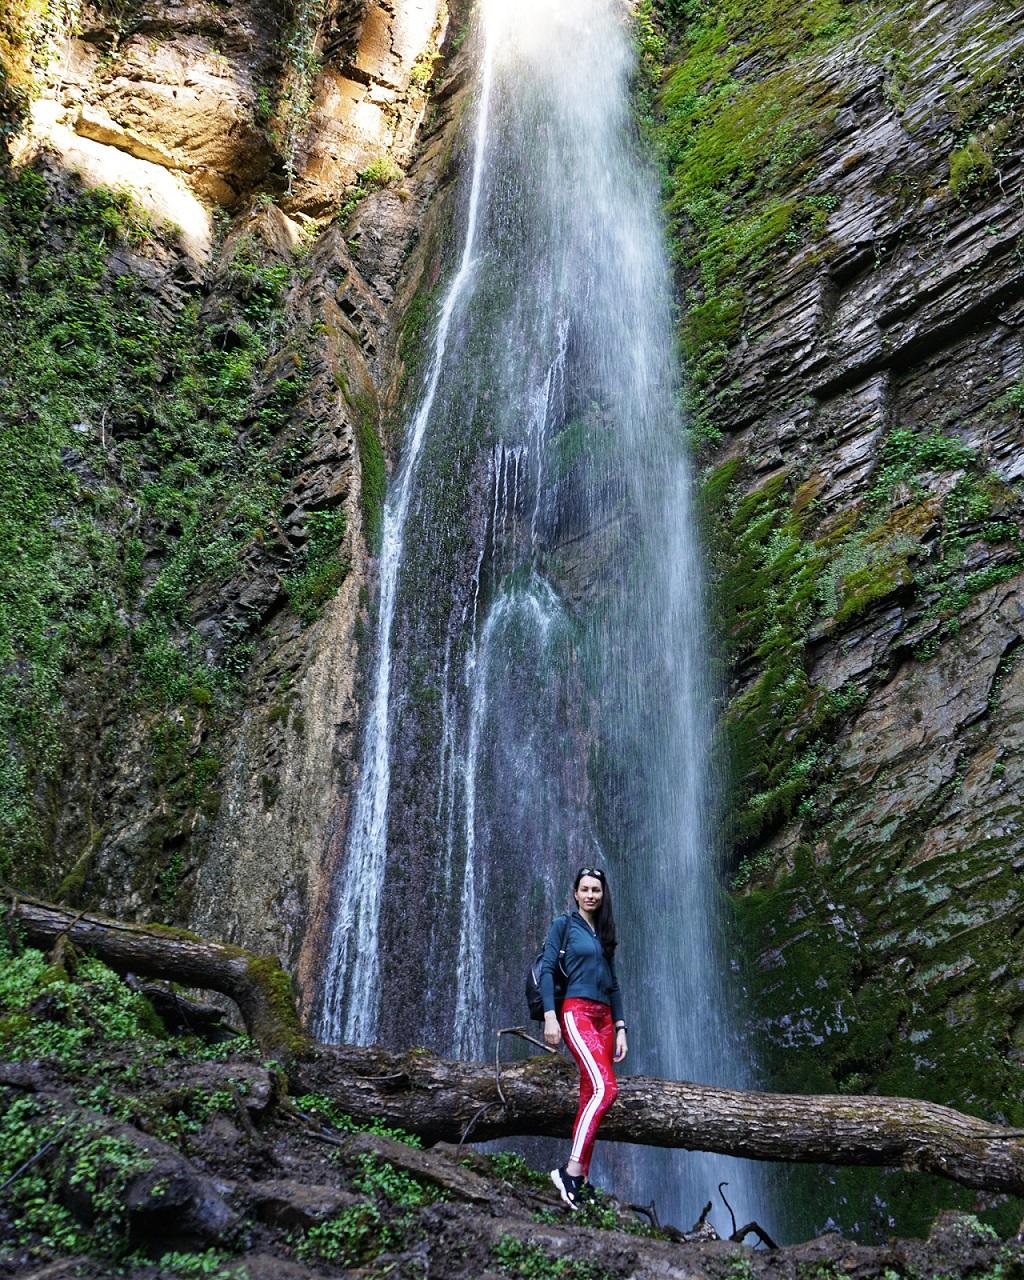 фотосессии в сочи - Водопад Хрустальный